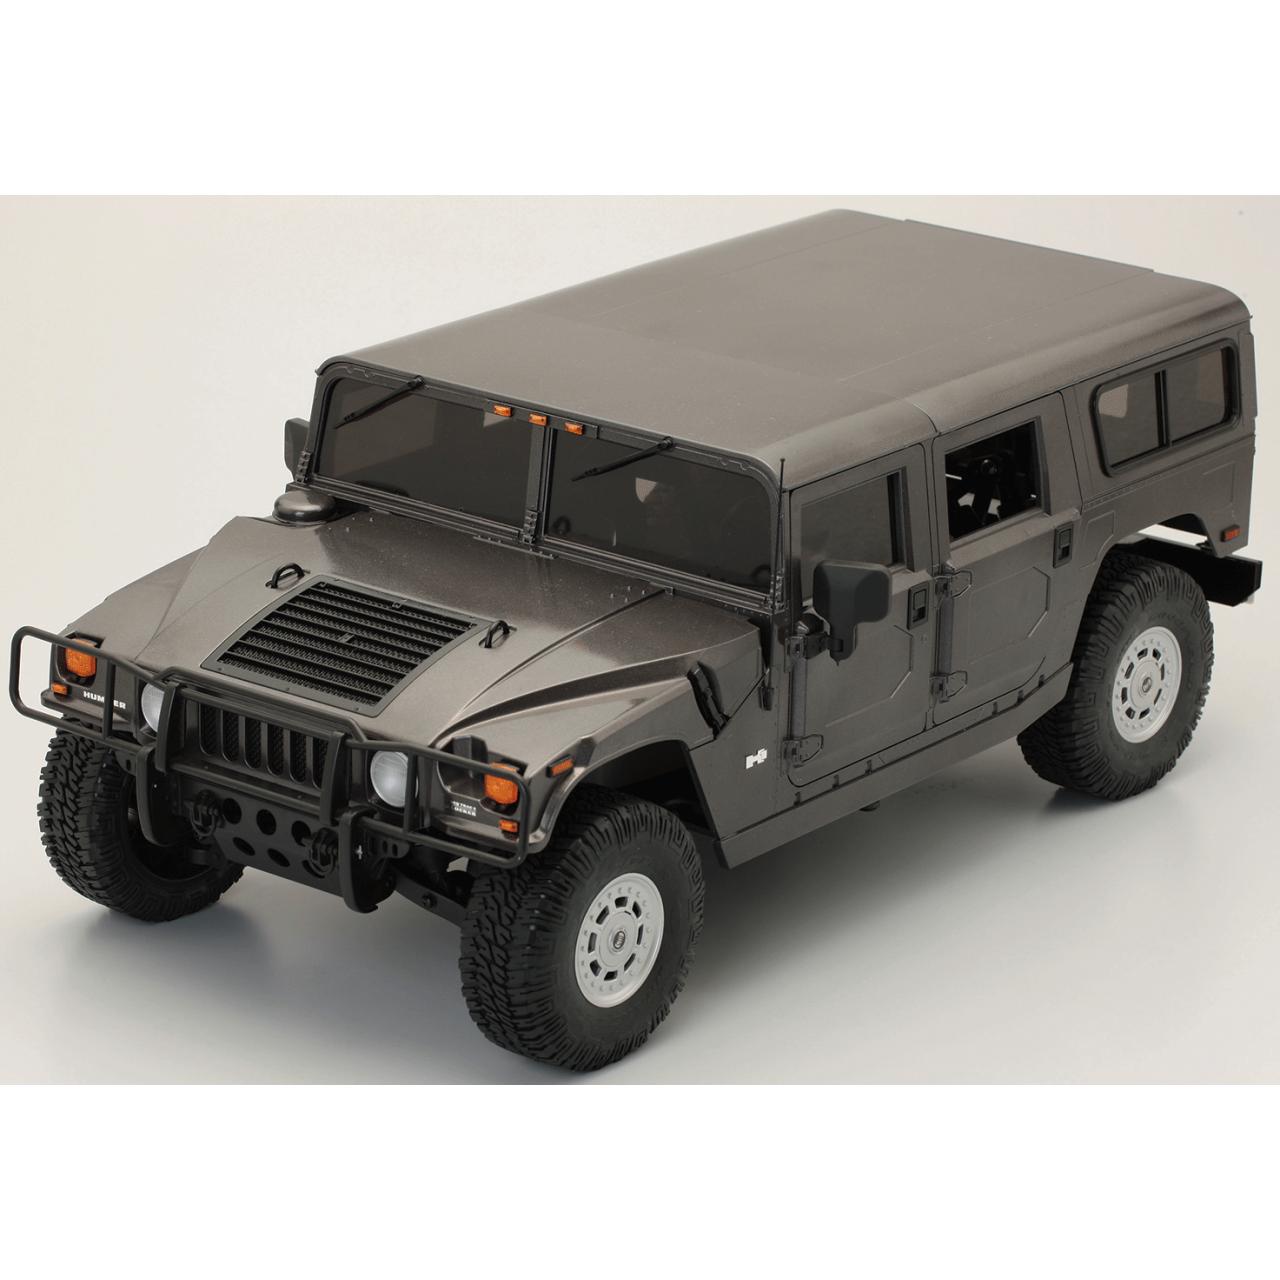 Hummer Models List >> Hummer H1 Rc Model Car 1 8 Scale De Agostini Modelspace